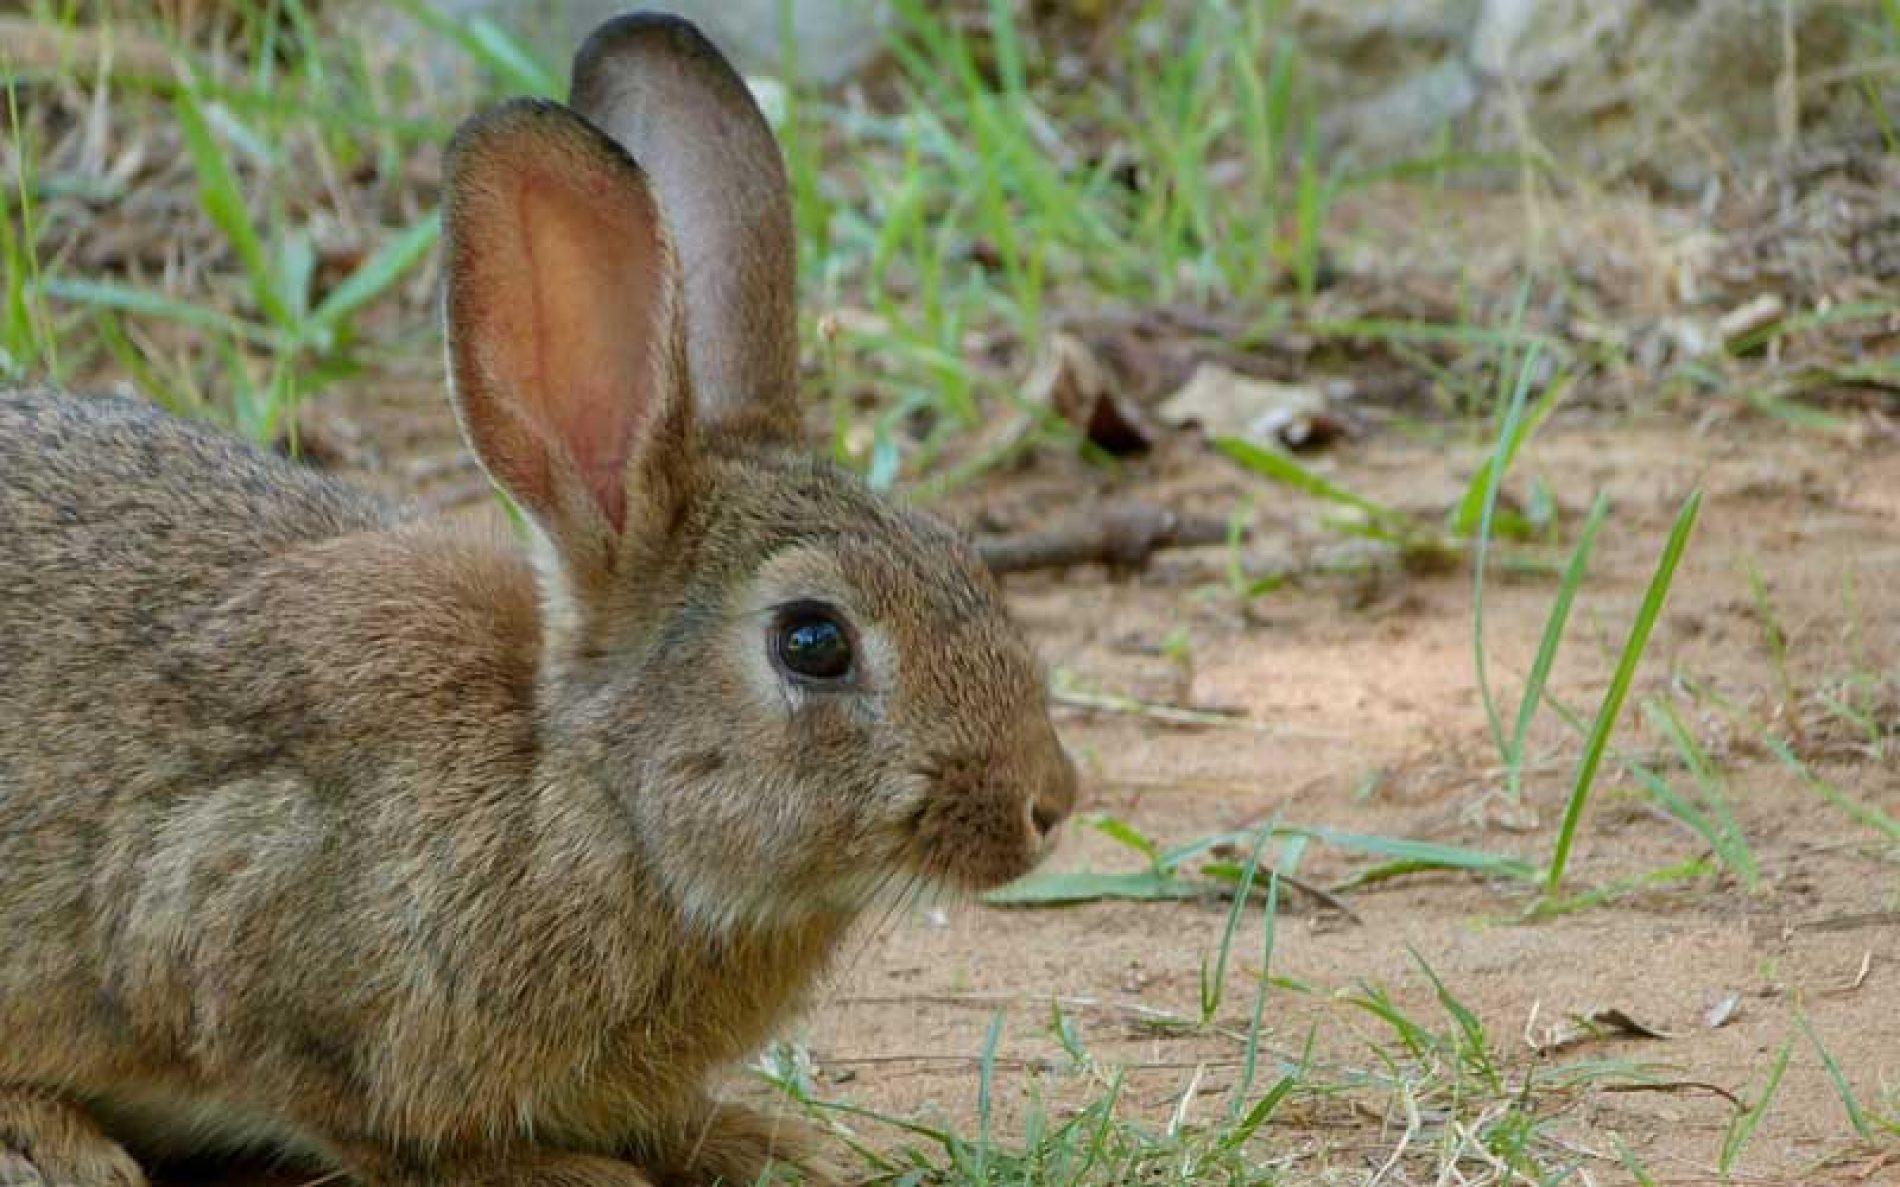 295 municipios de Castilla-La Mancha prorrogan la emergencia cinegética por daños de conejo hasta febrero de 2022